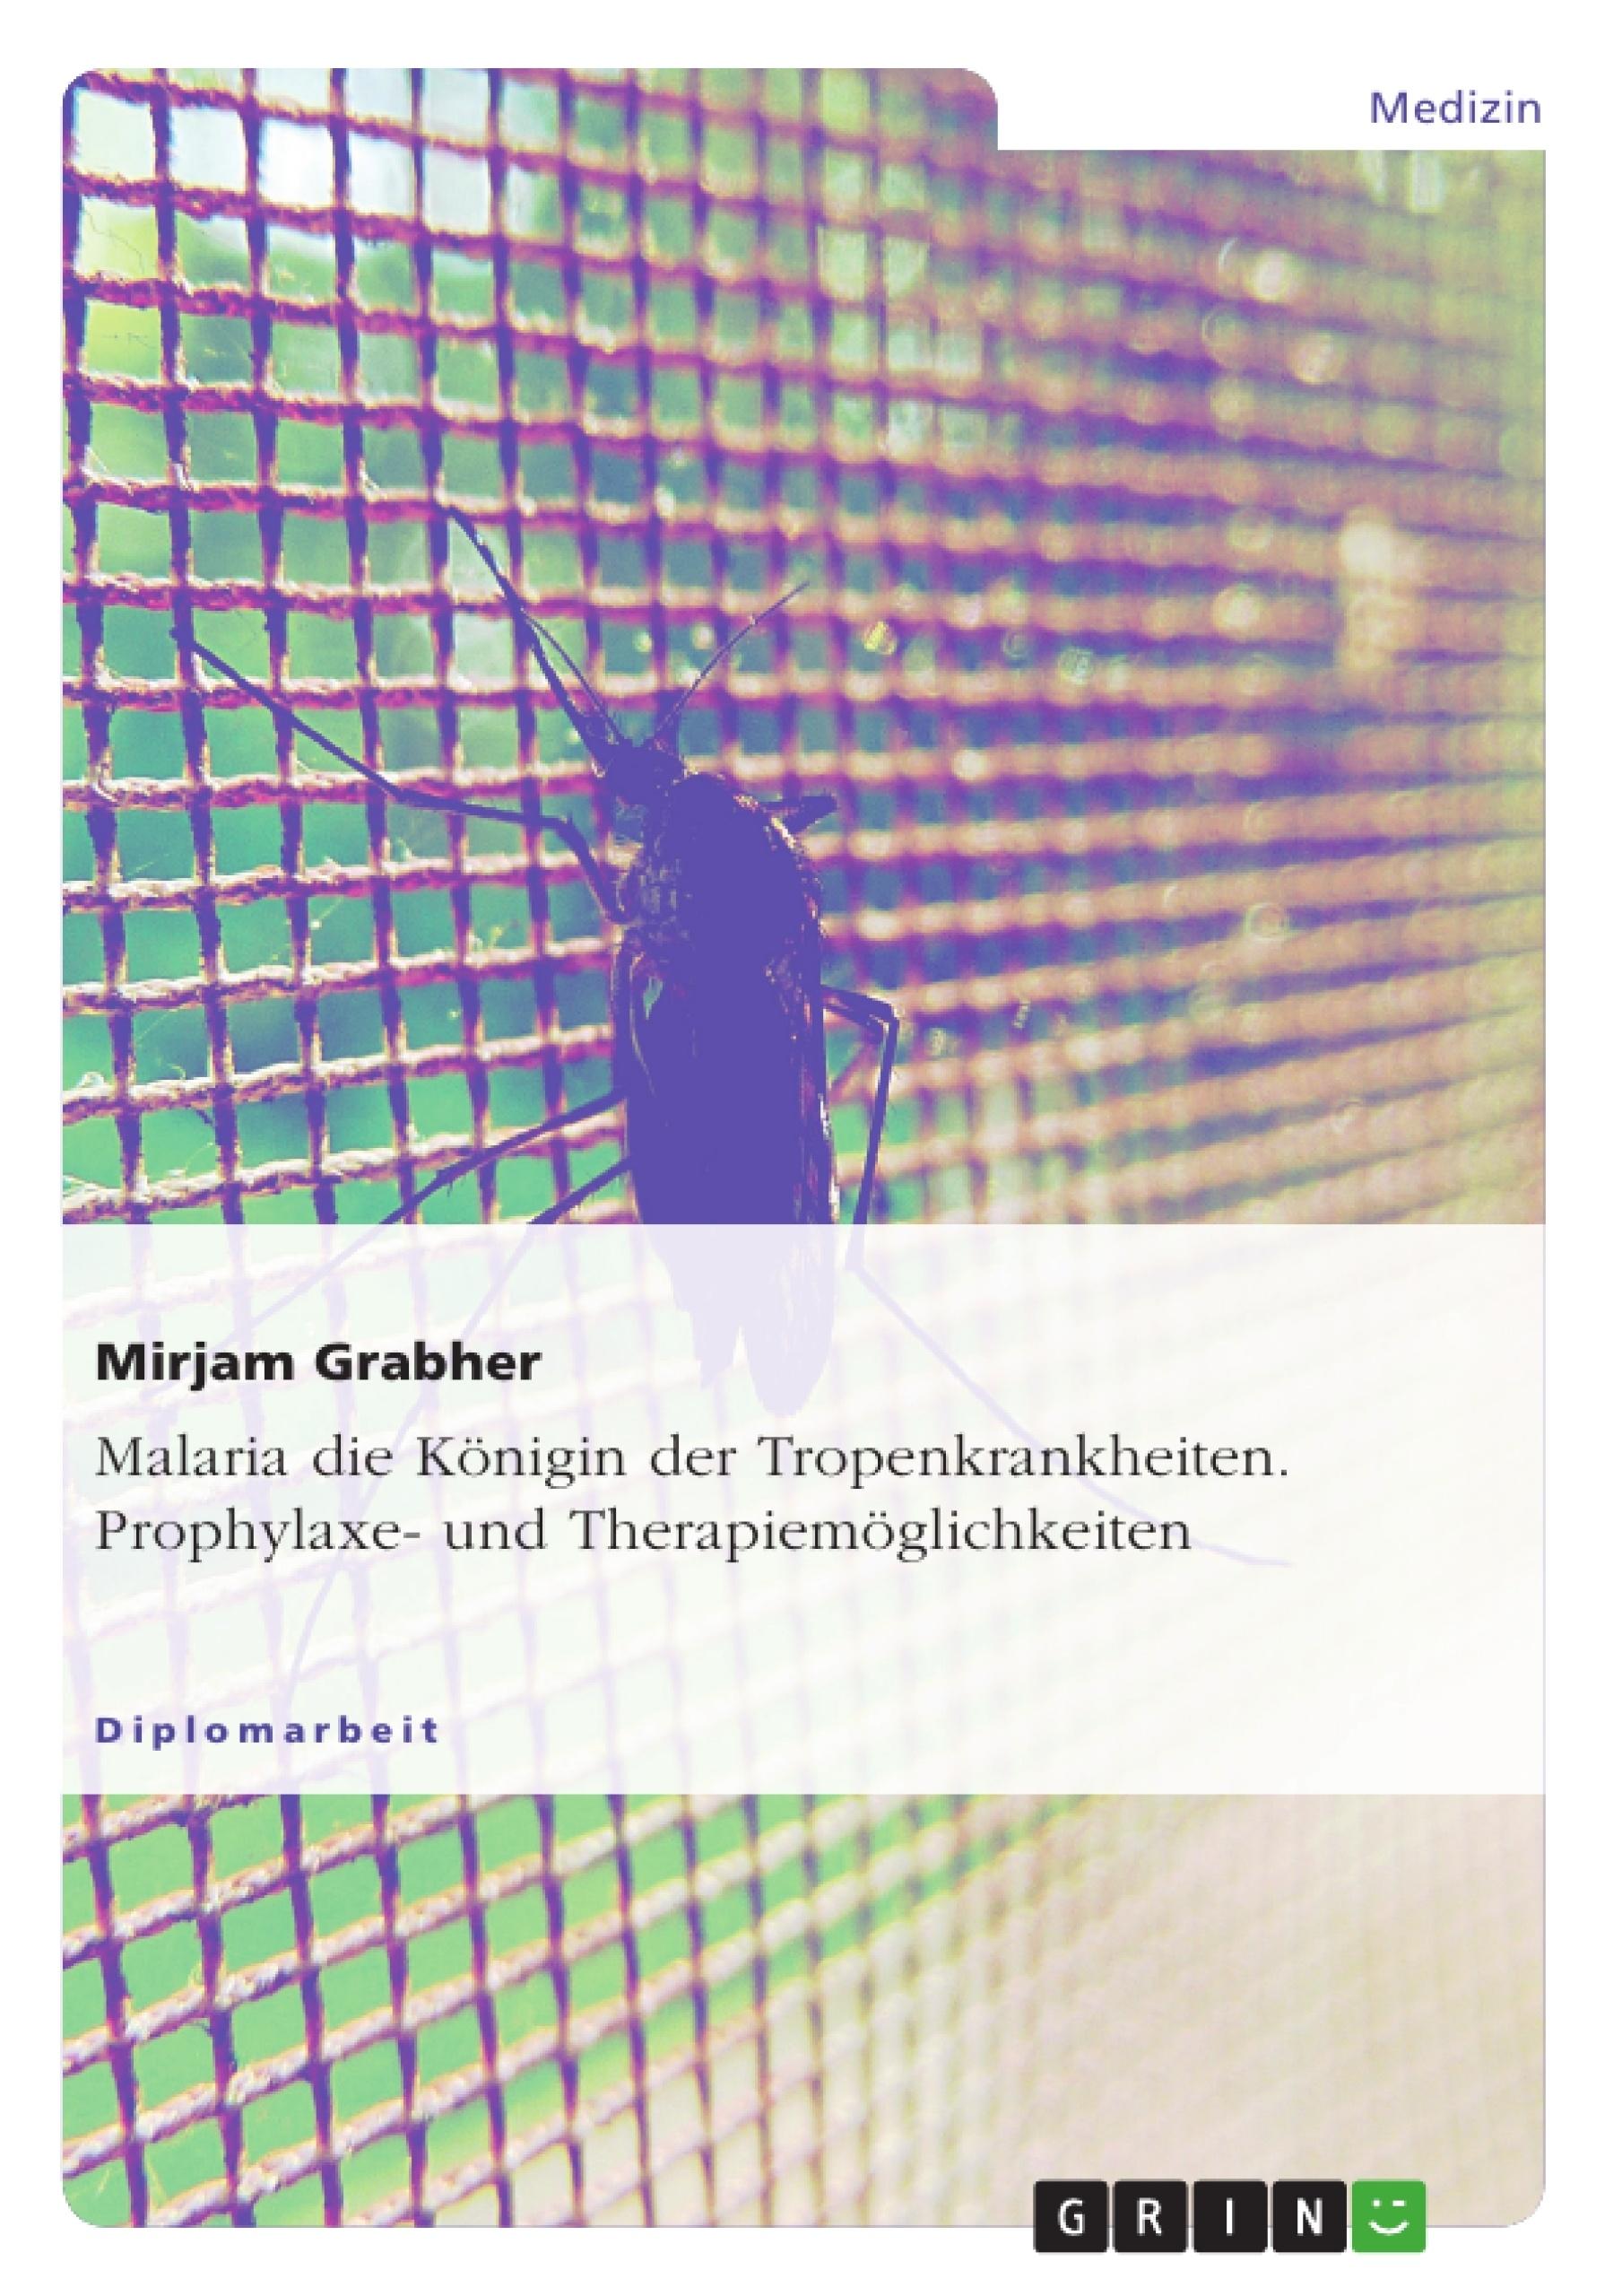 Titel: Malaria die Königin der Tropenkrankheiten. Prophylaxe- und Therapiemöglichkeiten